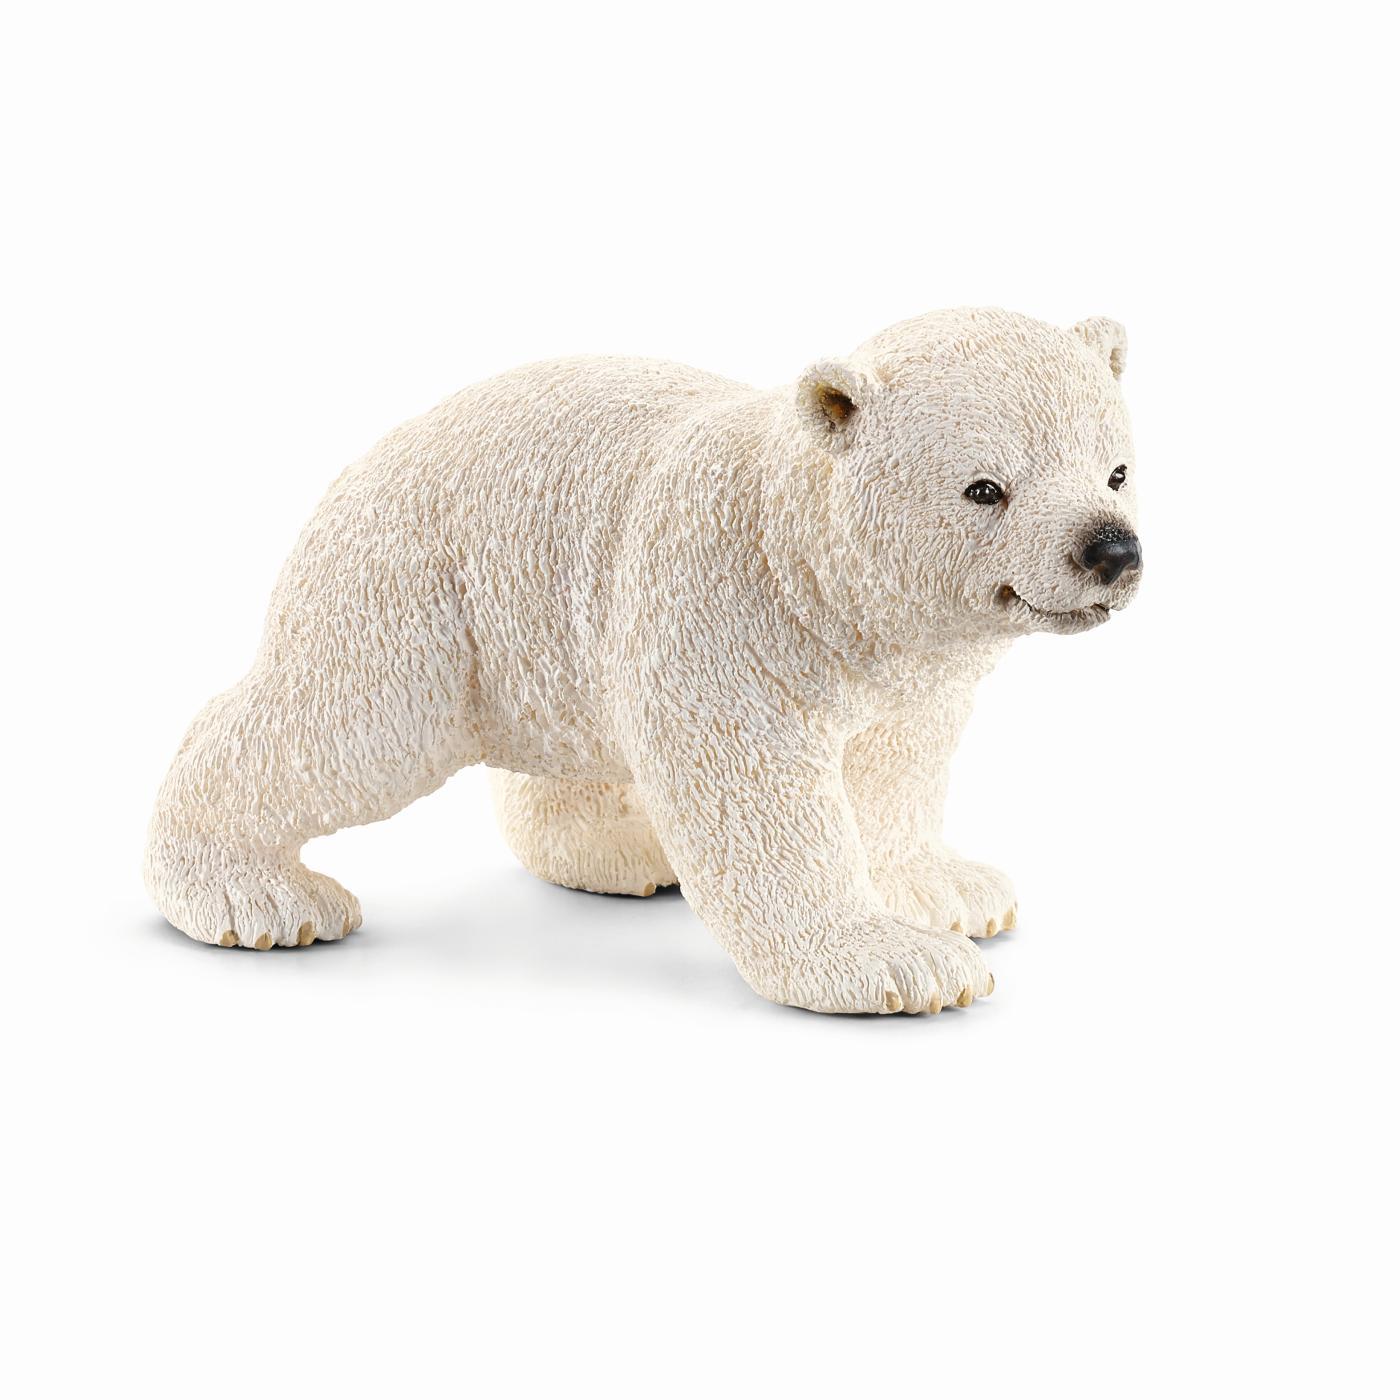 Белый медвеженокФигурка «Белый медвежонок» - очередной шедевр немецкой торговой марки Schleich. Животное является прототипом настоящего белого медведя. Для создания фигурки производитель даже взаимодействовал с Берлинским зоопарком - поэтому изделие получилось настолько реалистичным. Более того, фигура раскрашена вручную: шкура медведя, мордочка и даже взгляд выглядит так, словно перед вами маленькая копия настоящего животного. При этом материал изготовления медвежонка нетоксичен, безопасен для детей и не вызывает аллергию.Игрушки от компании «Шляйх» учат детей заботиться об окружающем мире и любить природу. Фигурки разработаны для юных натуралистов и любителей флоры и фауны. Благодаря им ребенок получает новые полезные знания из области географии и биологии, развивает мышление и внимание. Более того, коллекционером может стать и взрослый.<br>